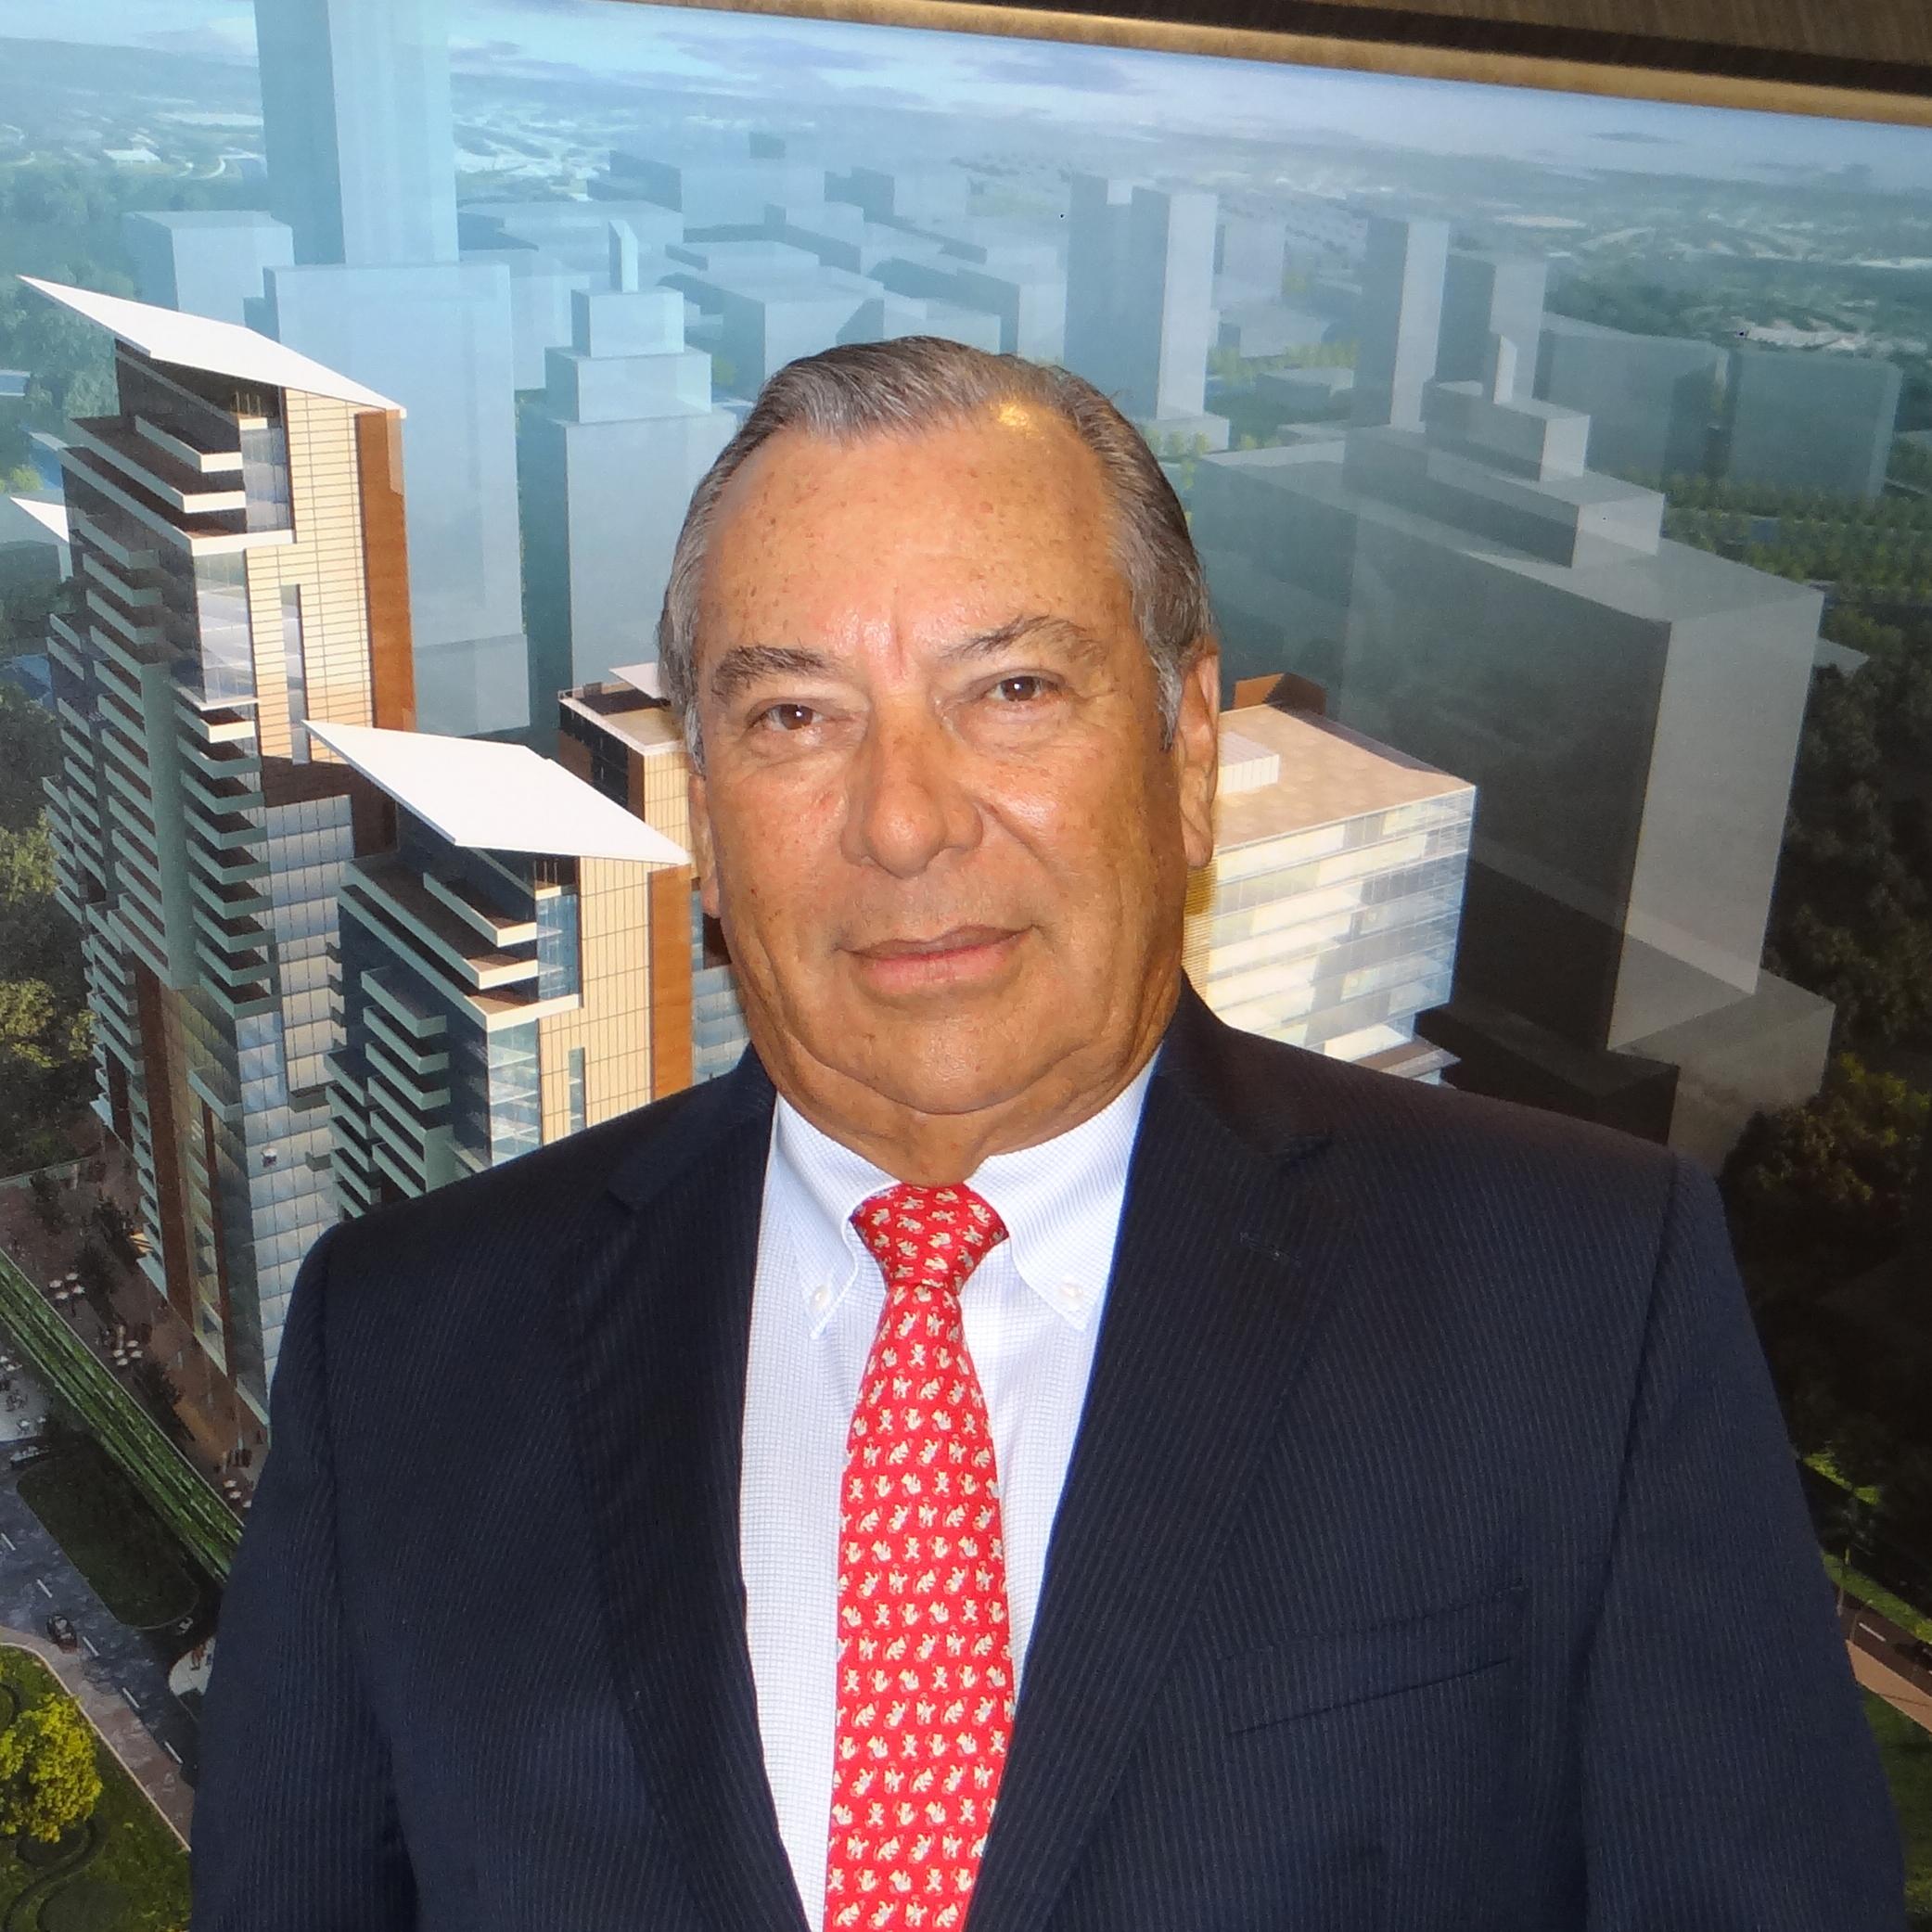 Herman Bern - President & Founder, Empresas Bern